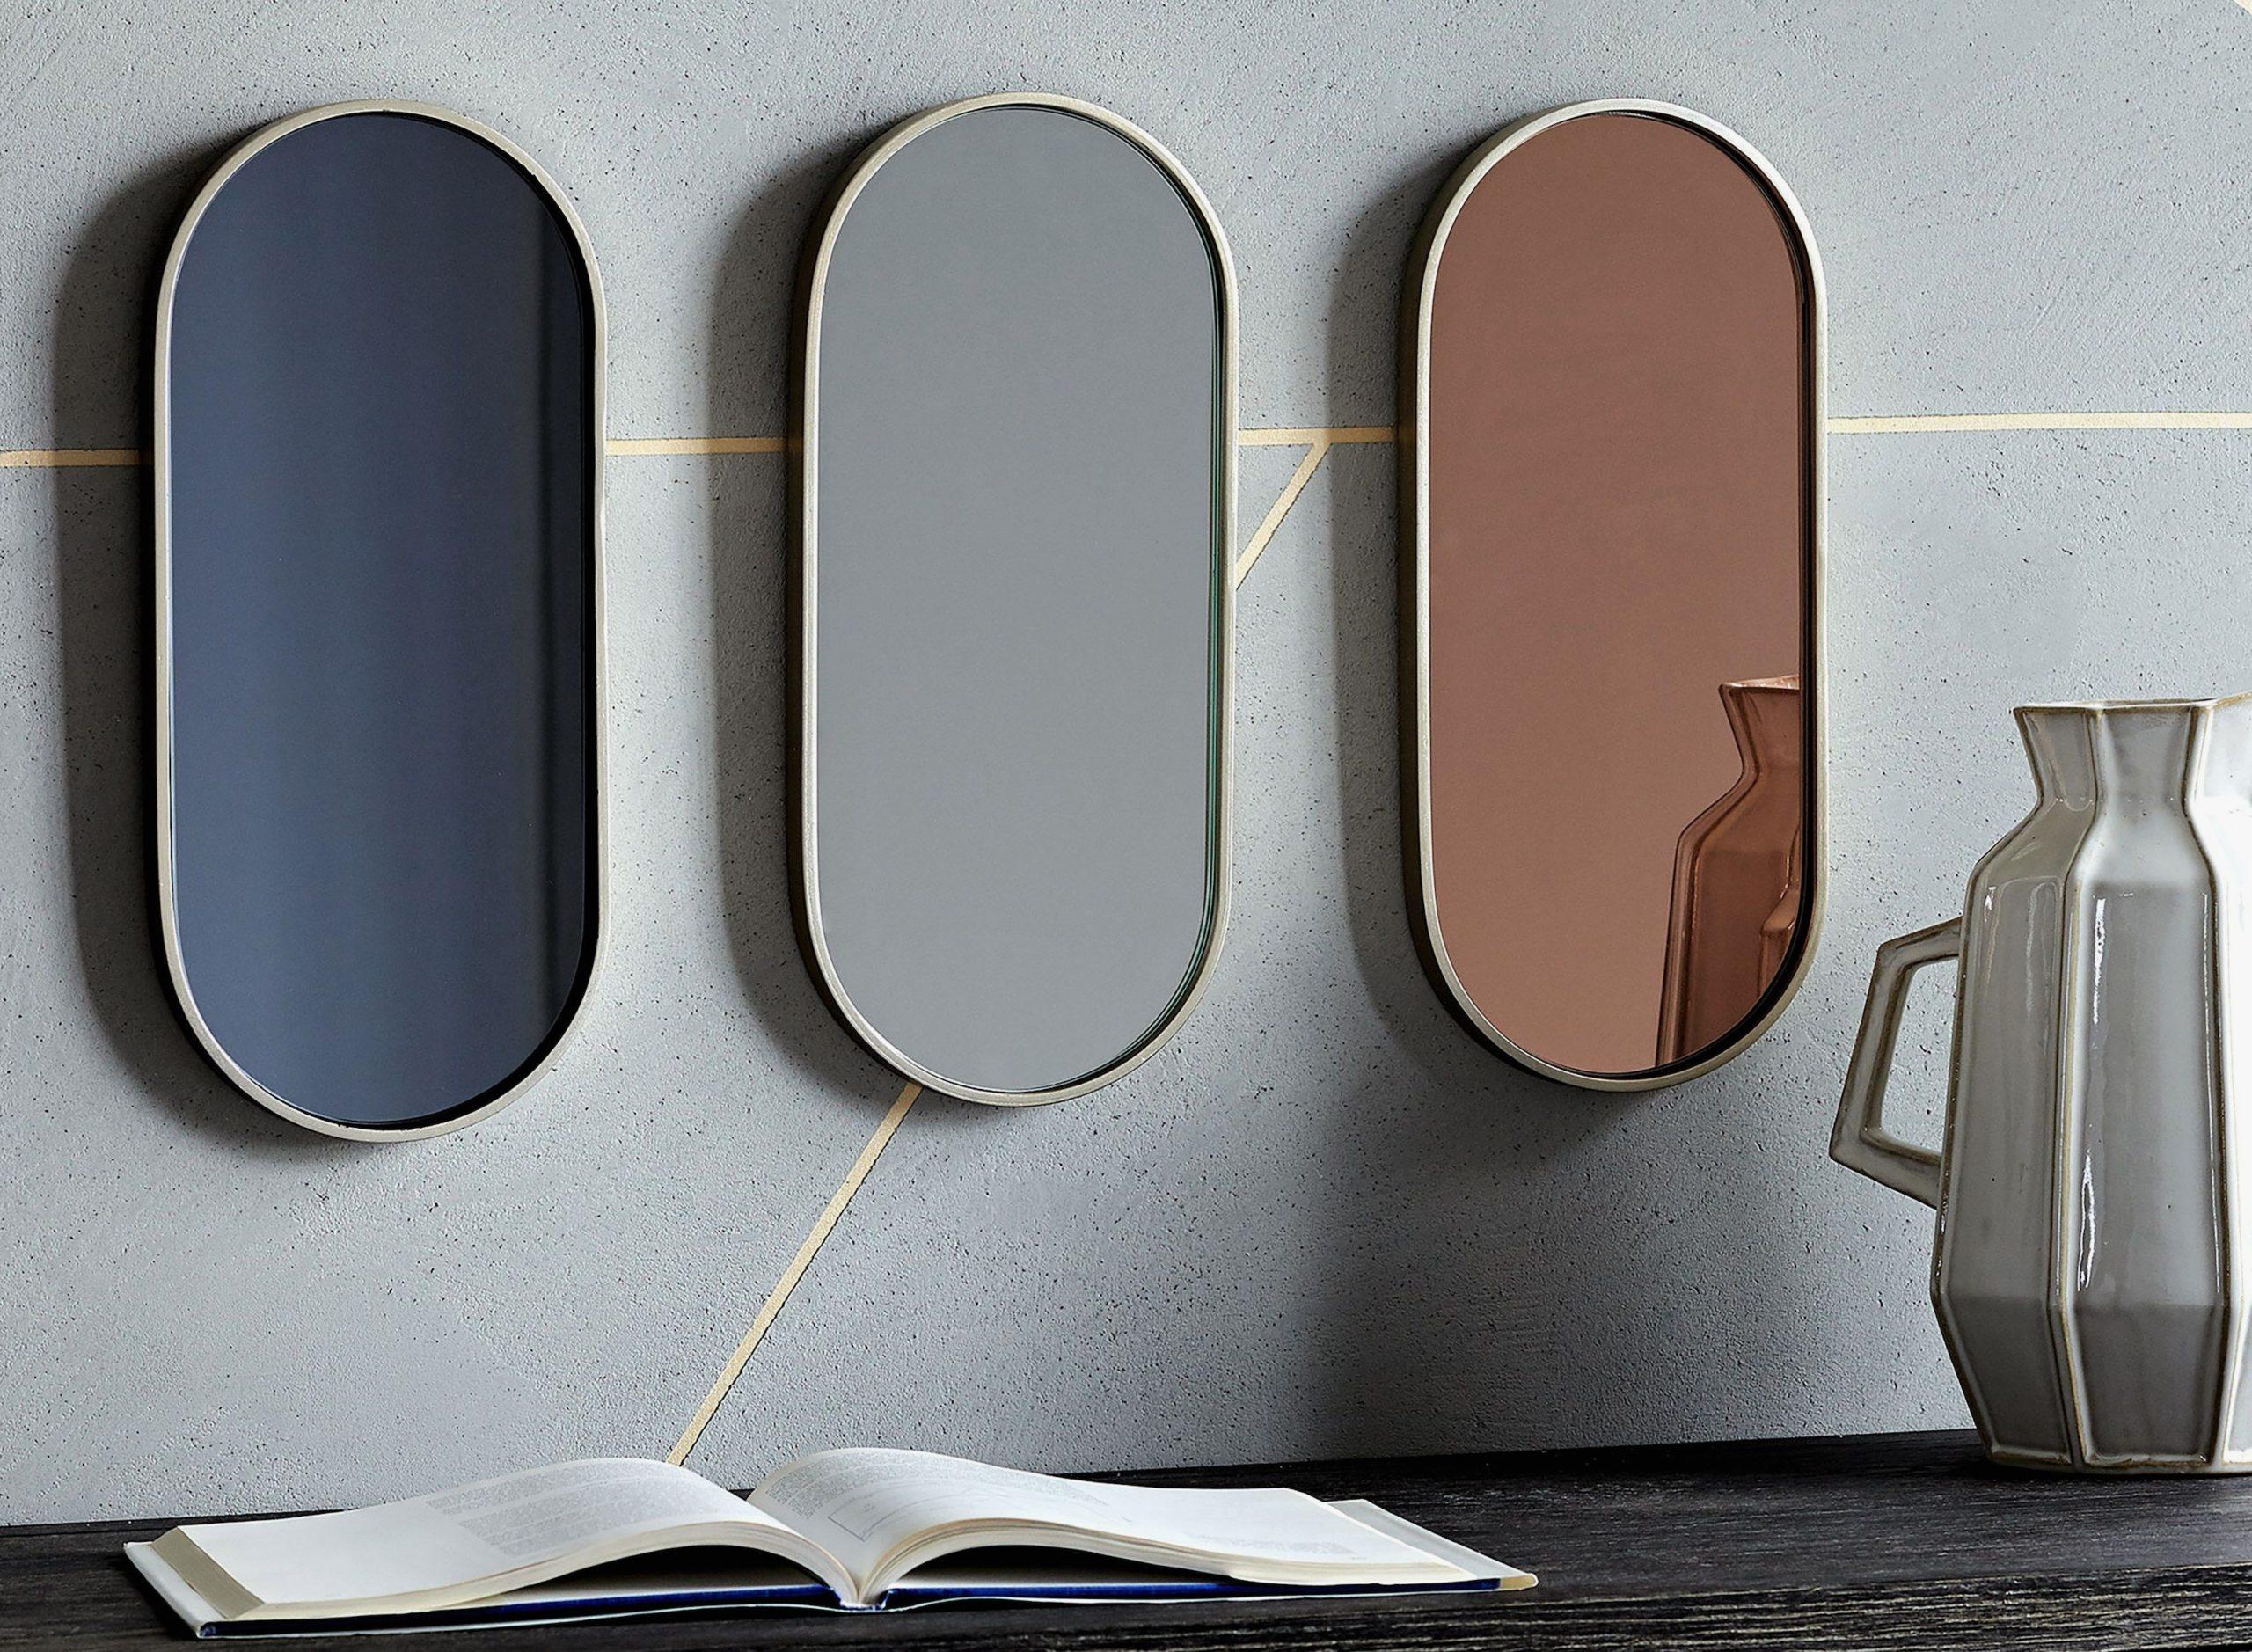 Какого цвета зеркало?